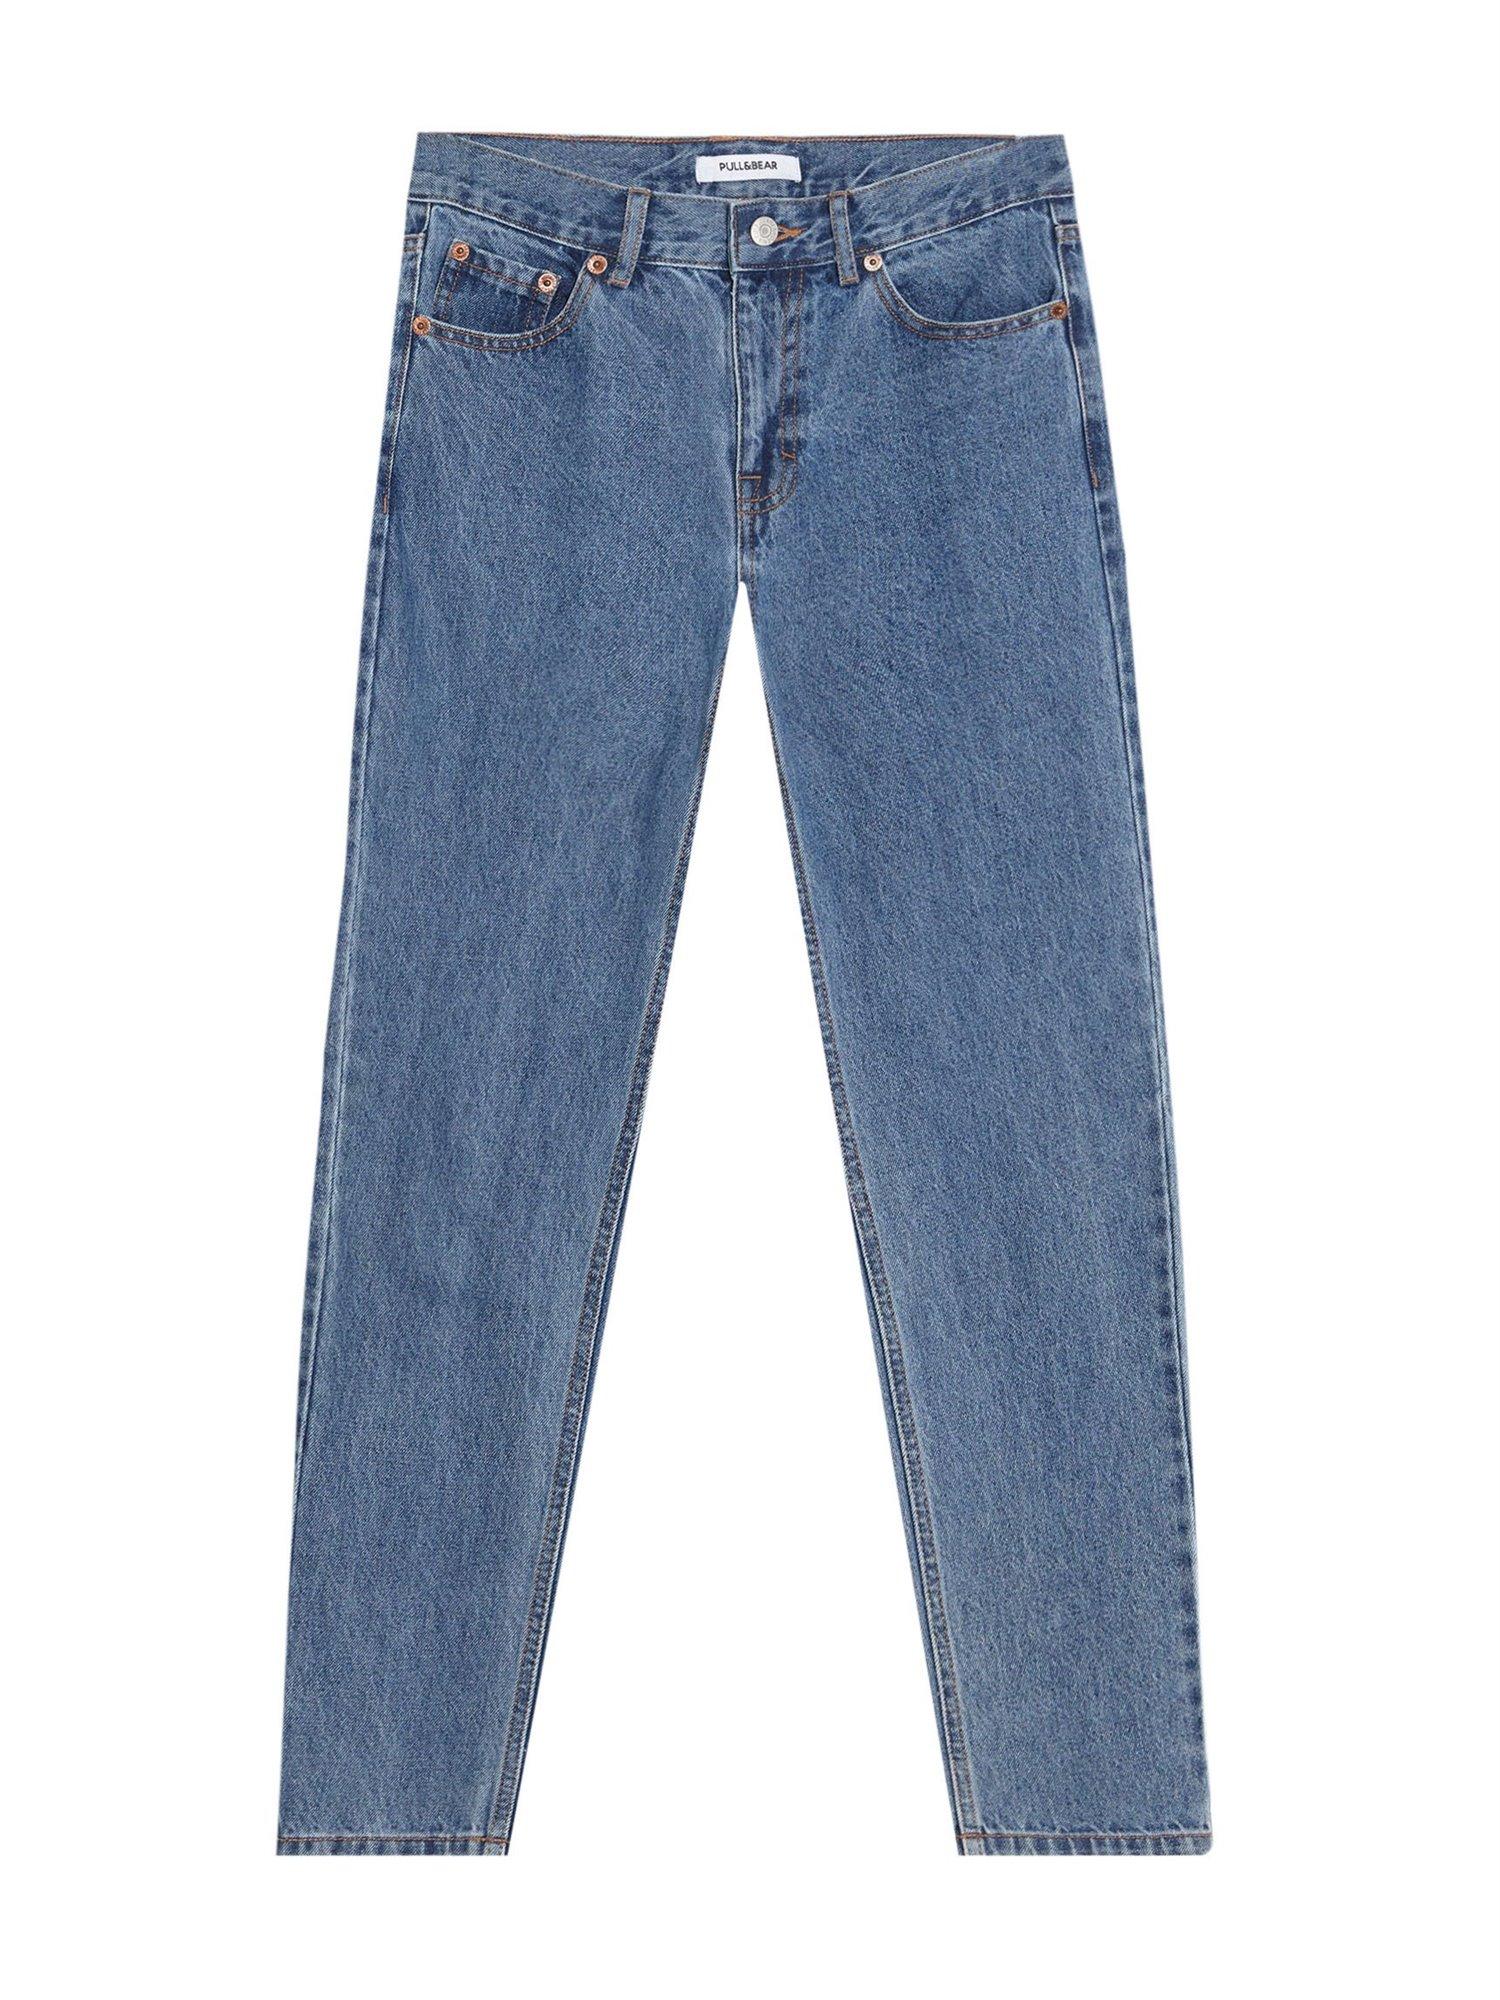 Vaqueros rectos  los pantalones de mujer que favorecen ¡están de ... f6572a58ab7